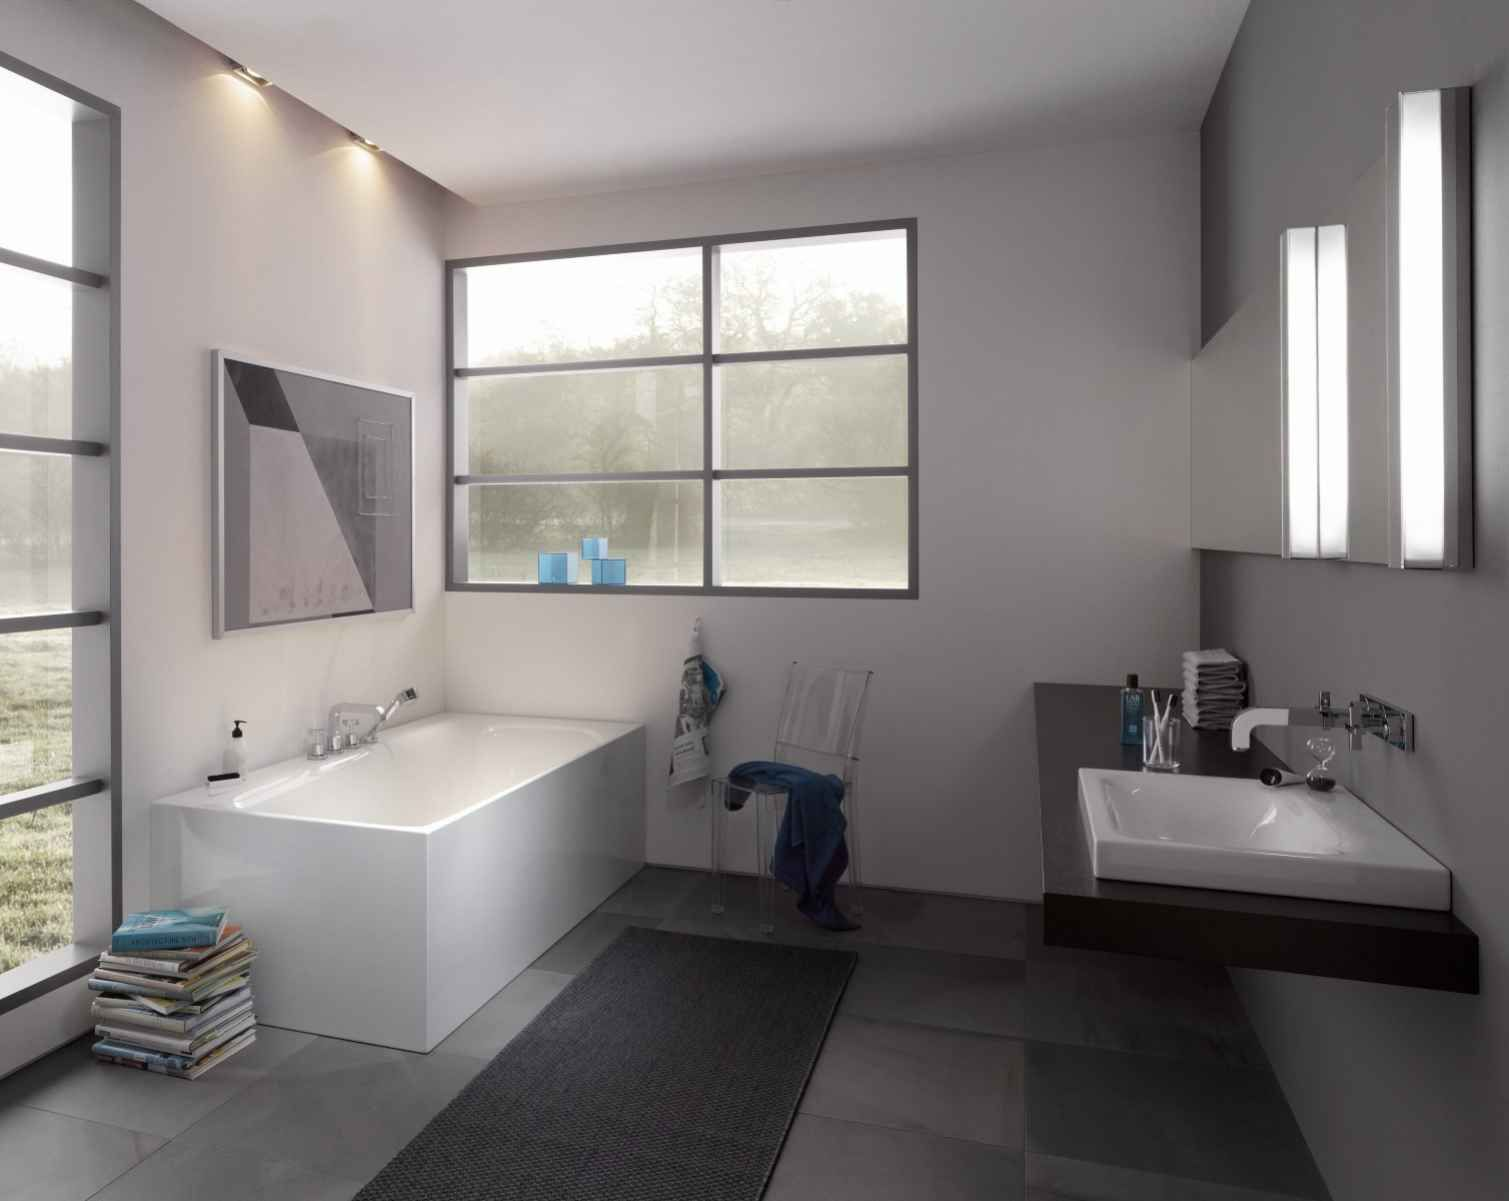 Badezimmer fachwerk ~ Eck badewanne bette silhouette im kleinen badezimmer badezimmer